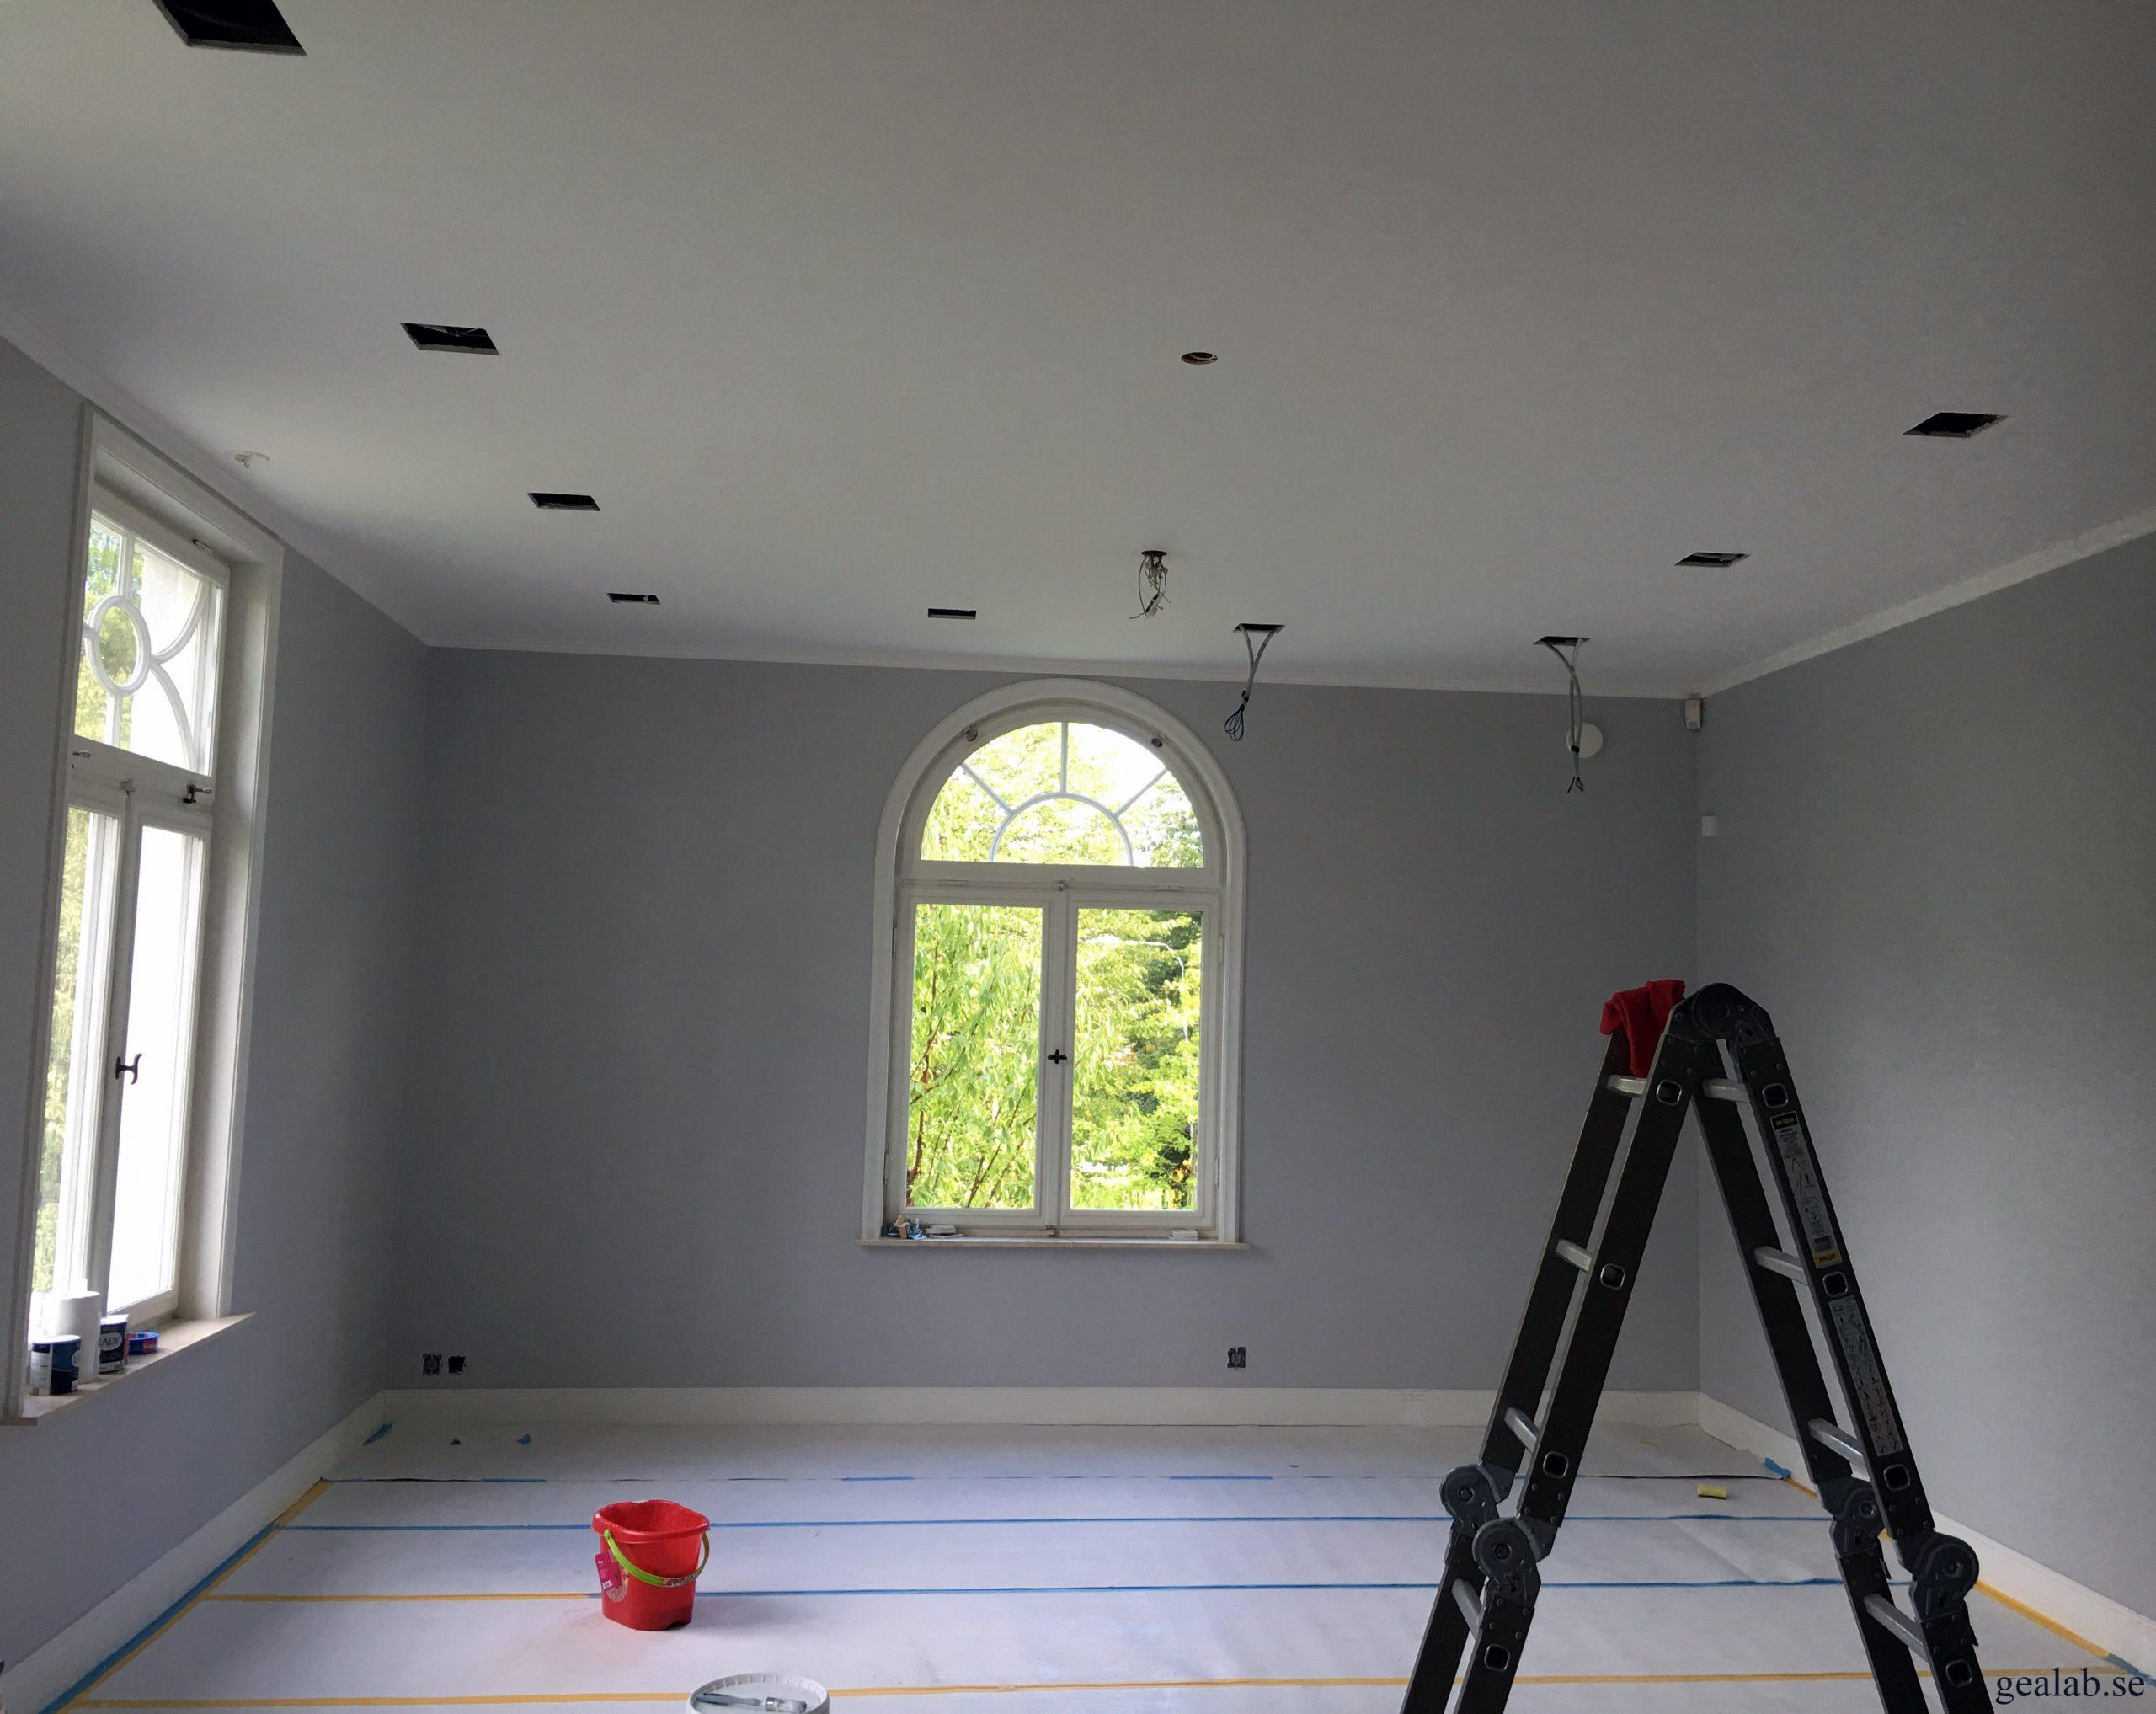 Att måla tak och väggar (inomhus)   Stockholm   Geal AB – Allt inom Bygg 42c3cf64122aa